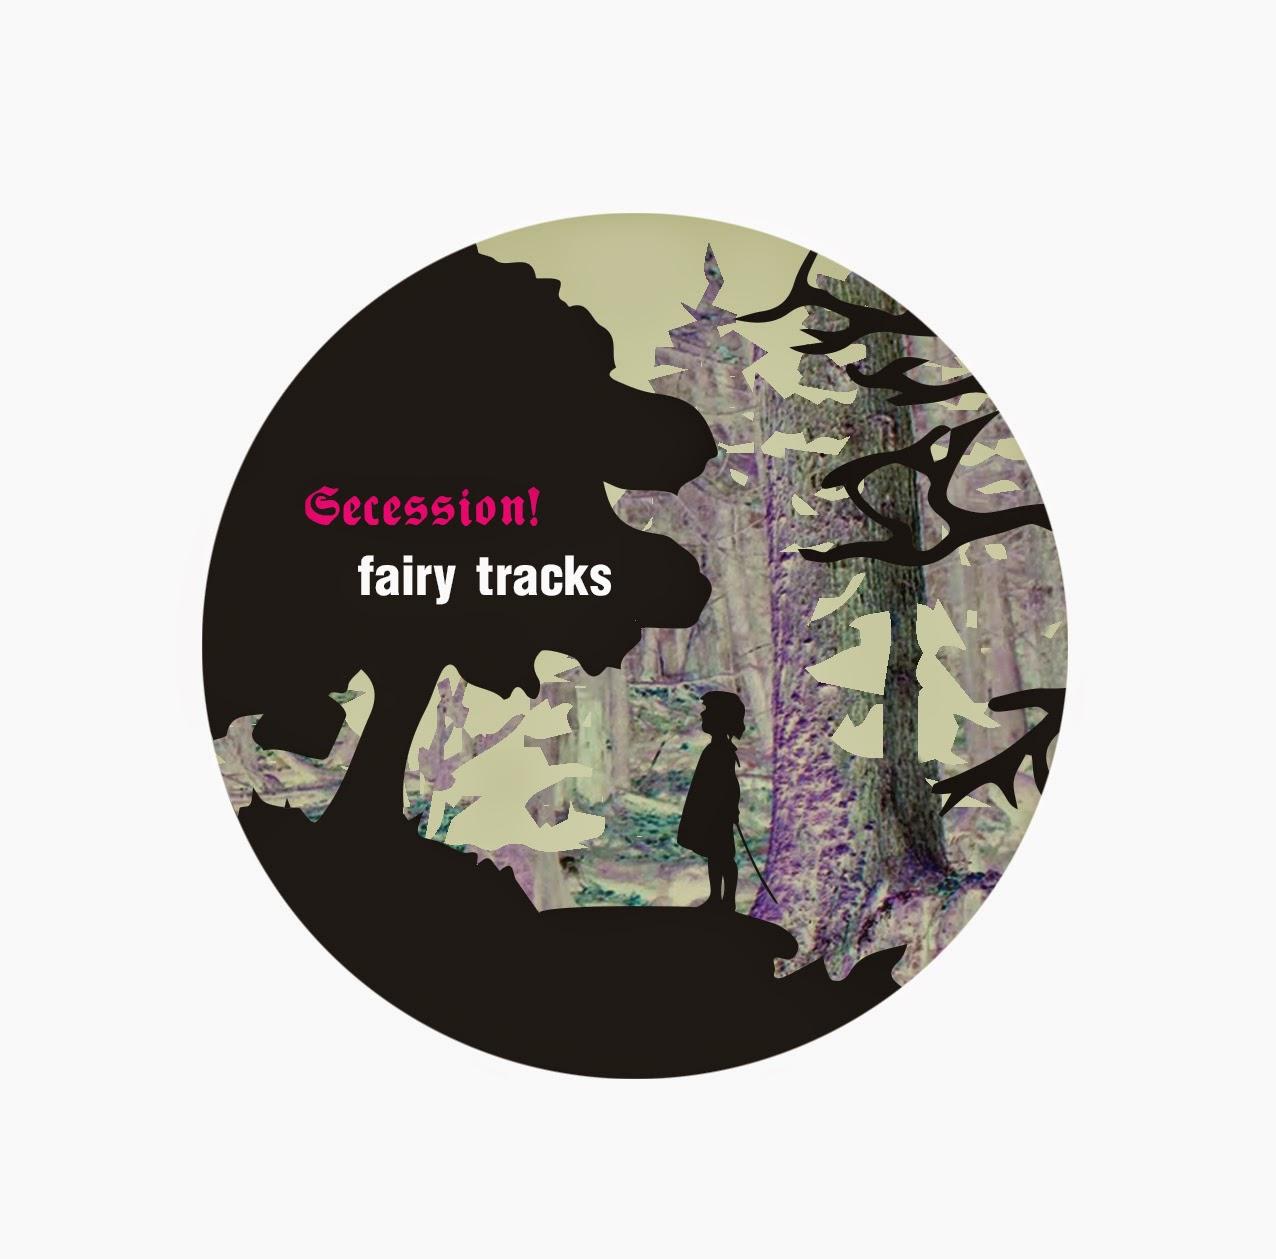 Logo zur Veranstaltung fairy tracks von Secession